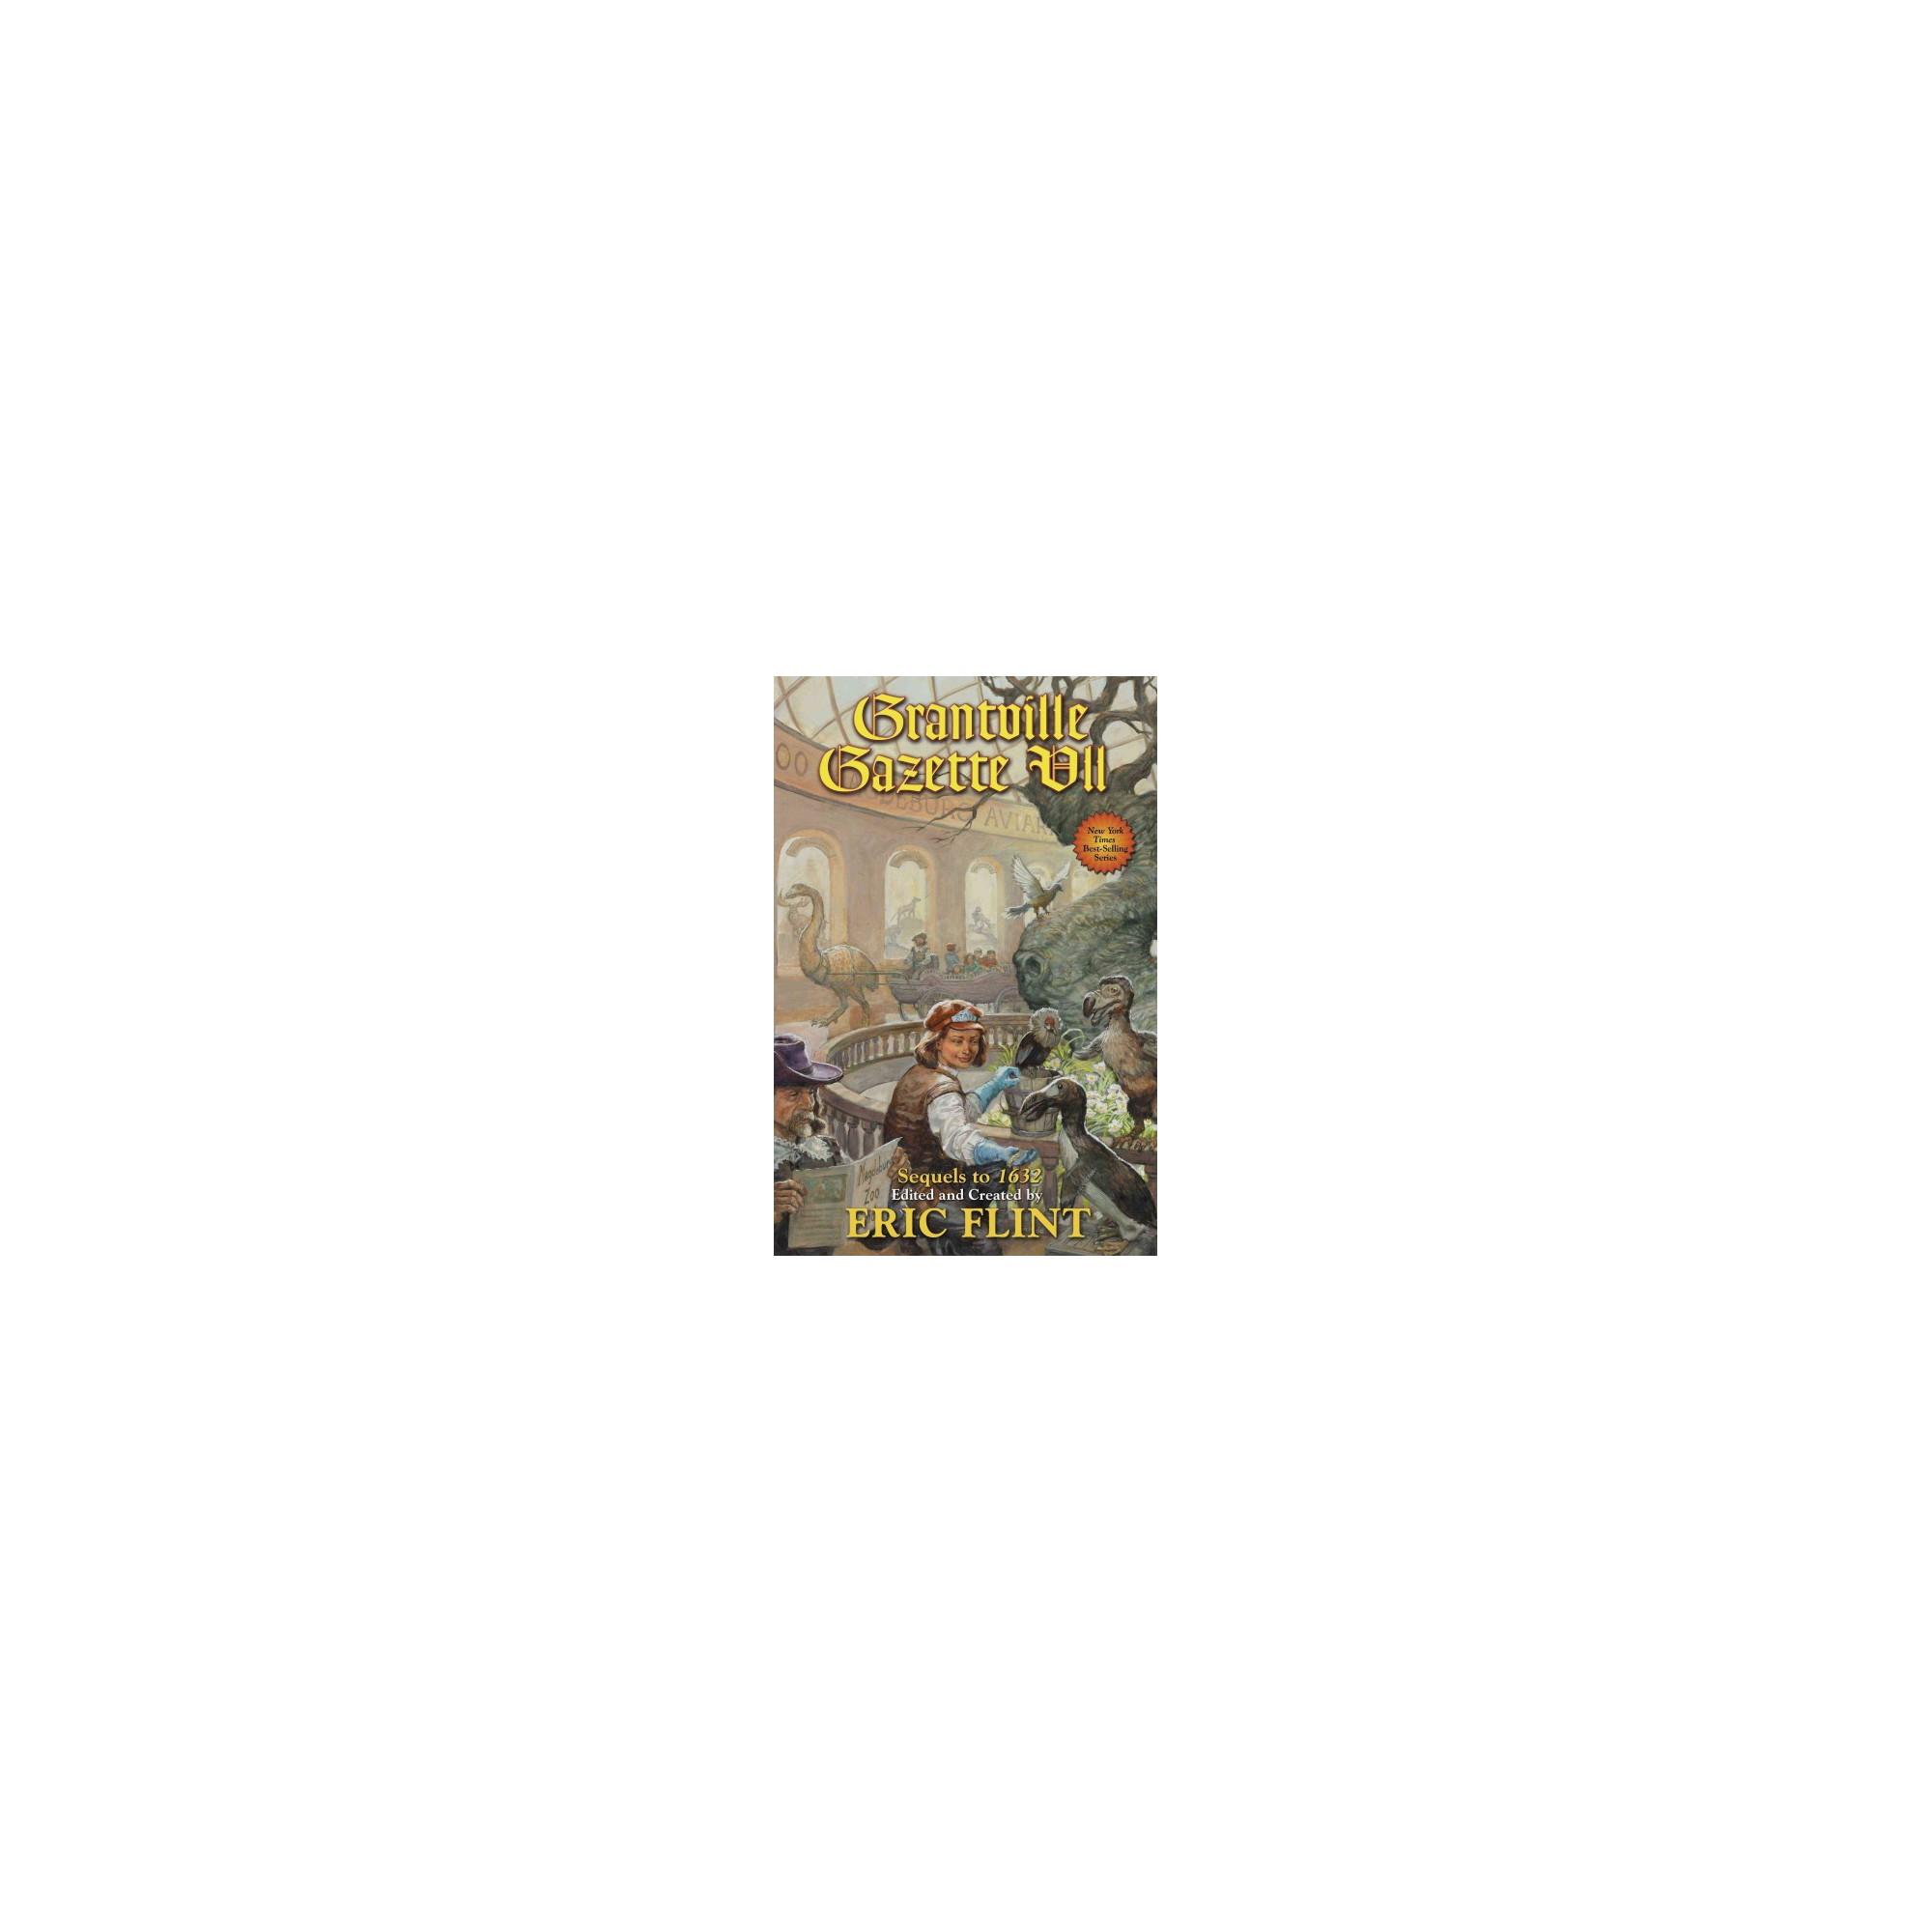 Grantville Gazette Vii - (Ring of Fire) (Hardcover)